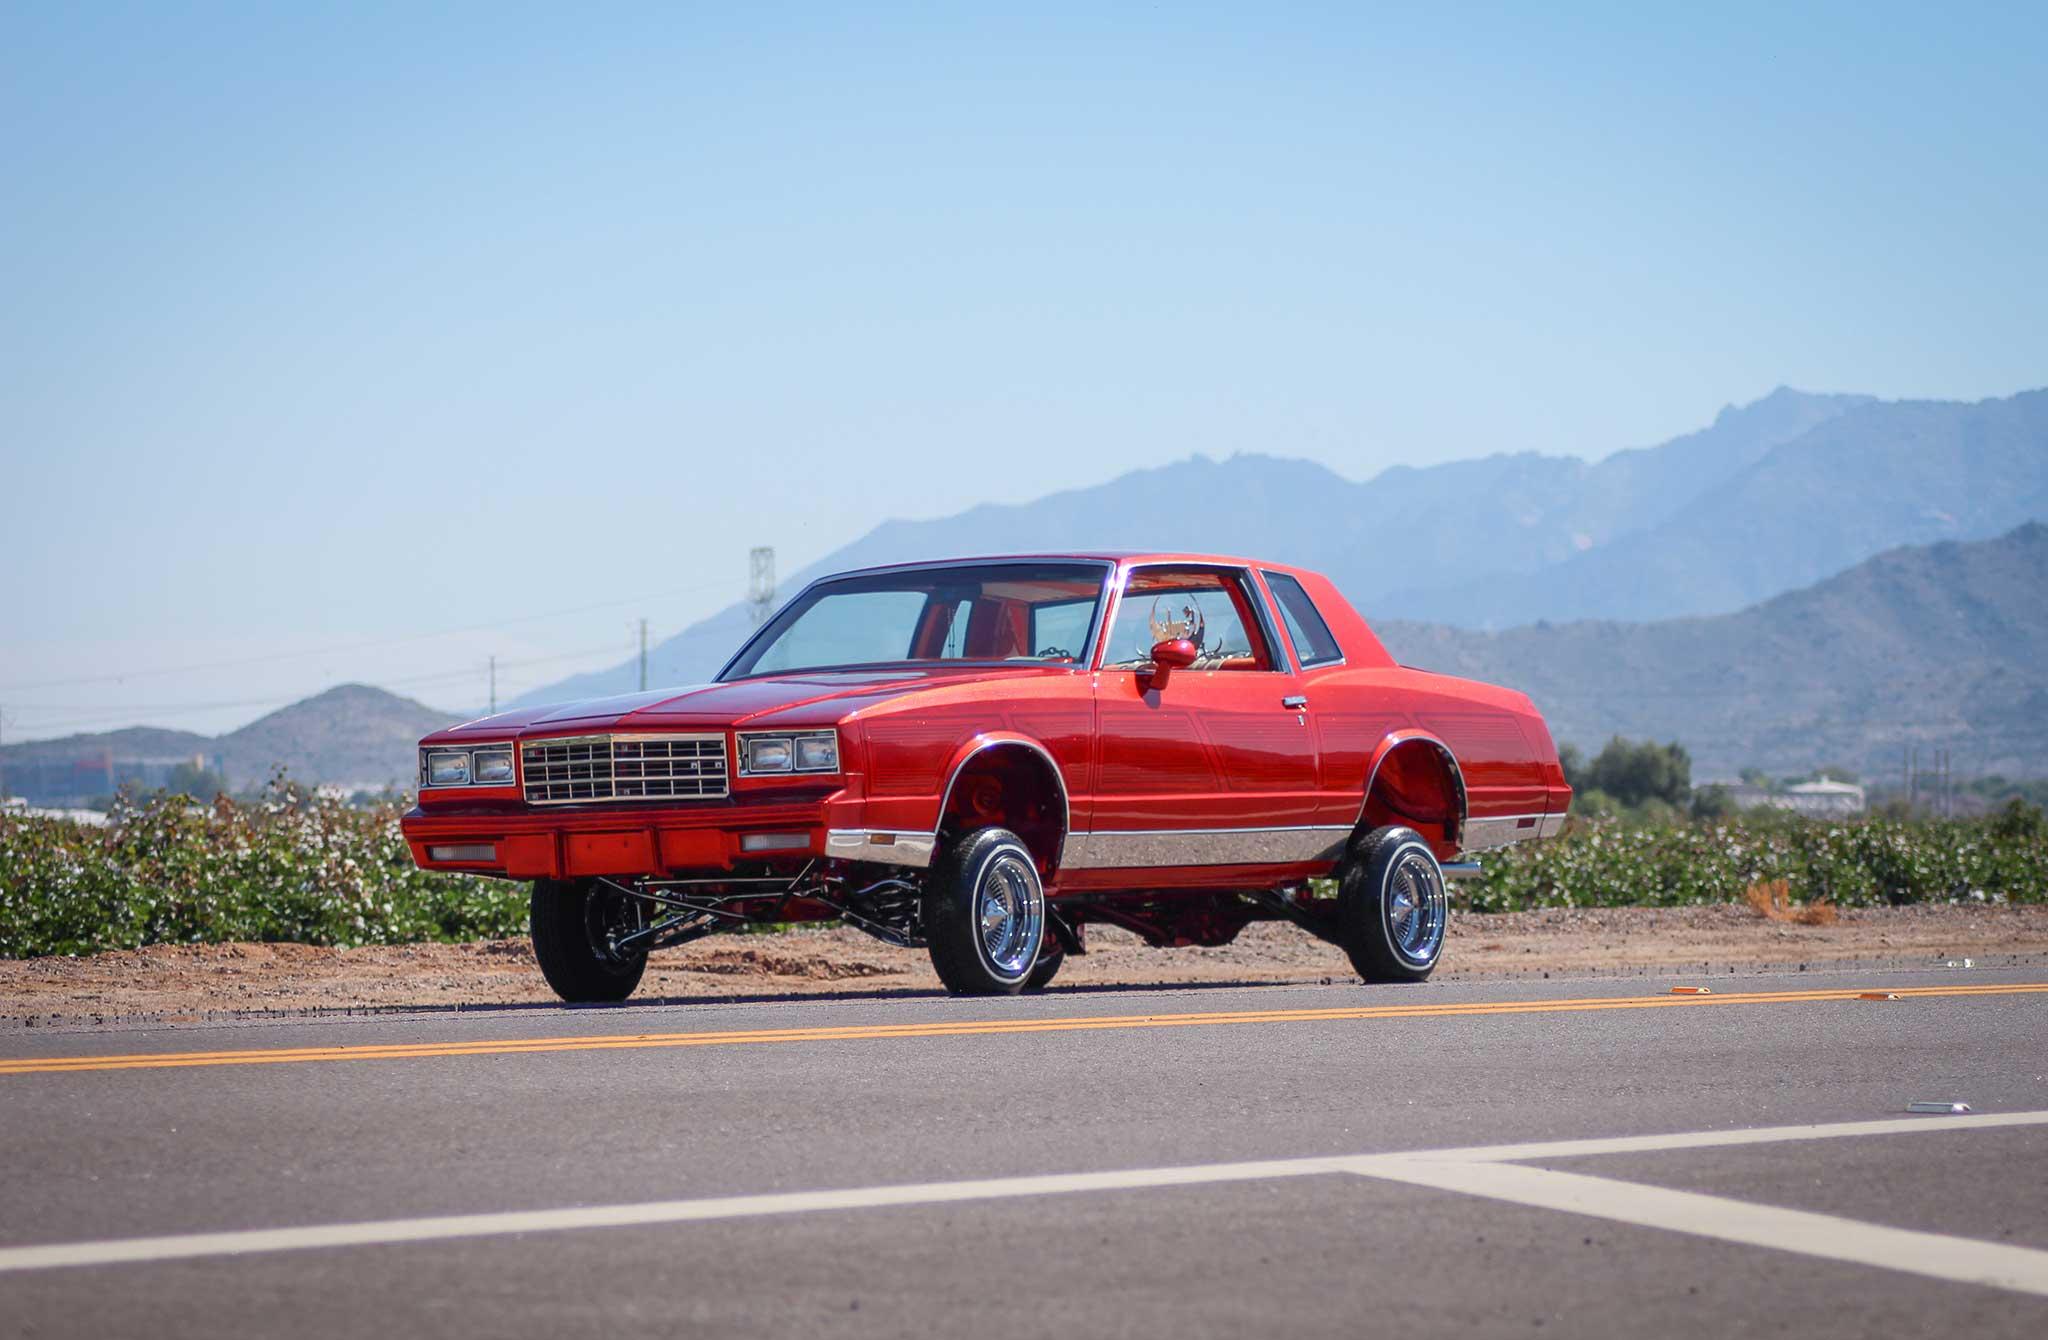 2015 Chevy Monte Carlo >> 1984 Chevrolet Monte Carlo - Monte-Licious